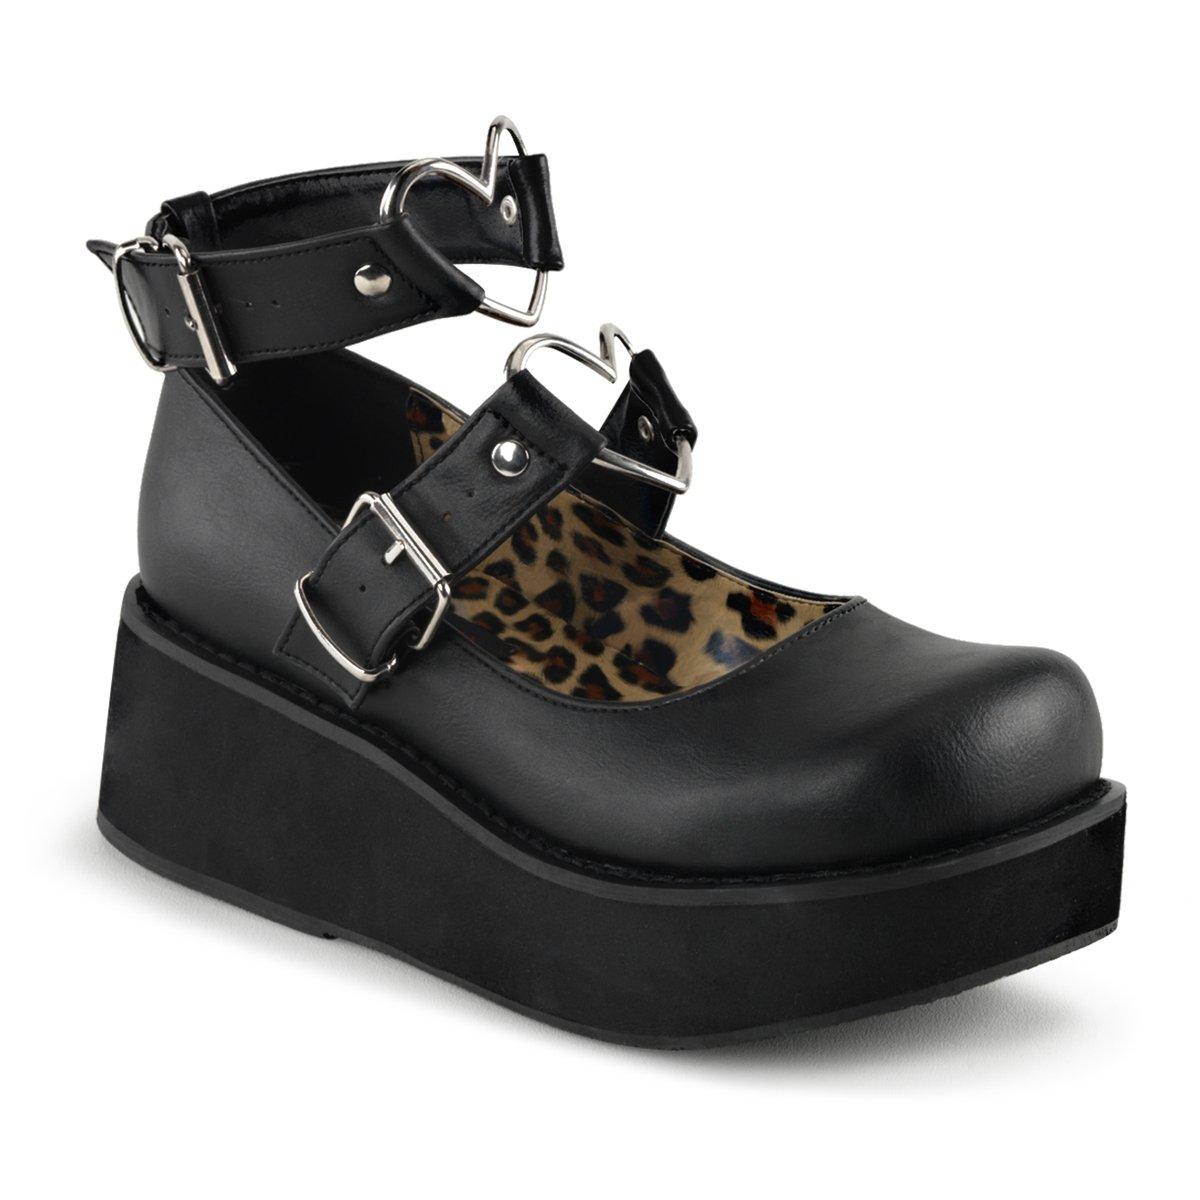 Demonia SPRITE-02 Womens Boots Vegan B016DAA6G8 8 B(M) US|Blk Vegan Boots Leather 3810f5